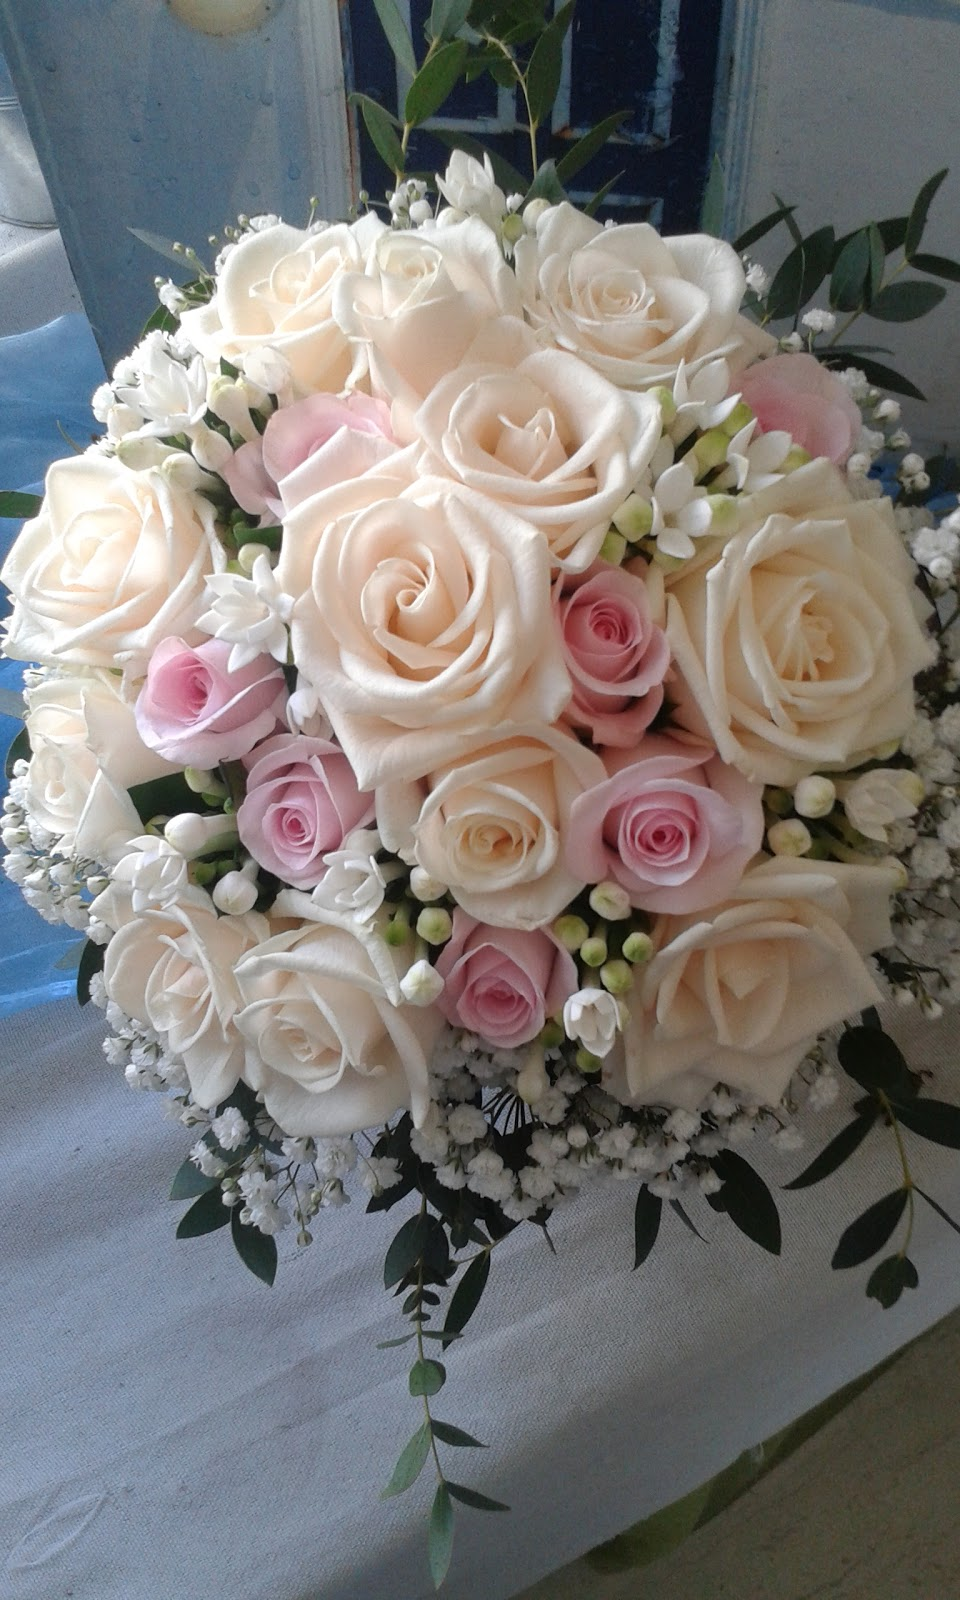 νυφικο μπουκετο με λευκά κ ροζ τριανταφυλλα